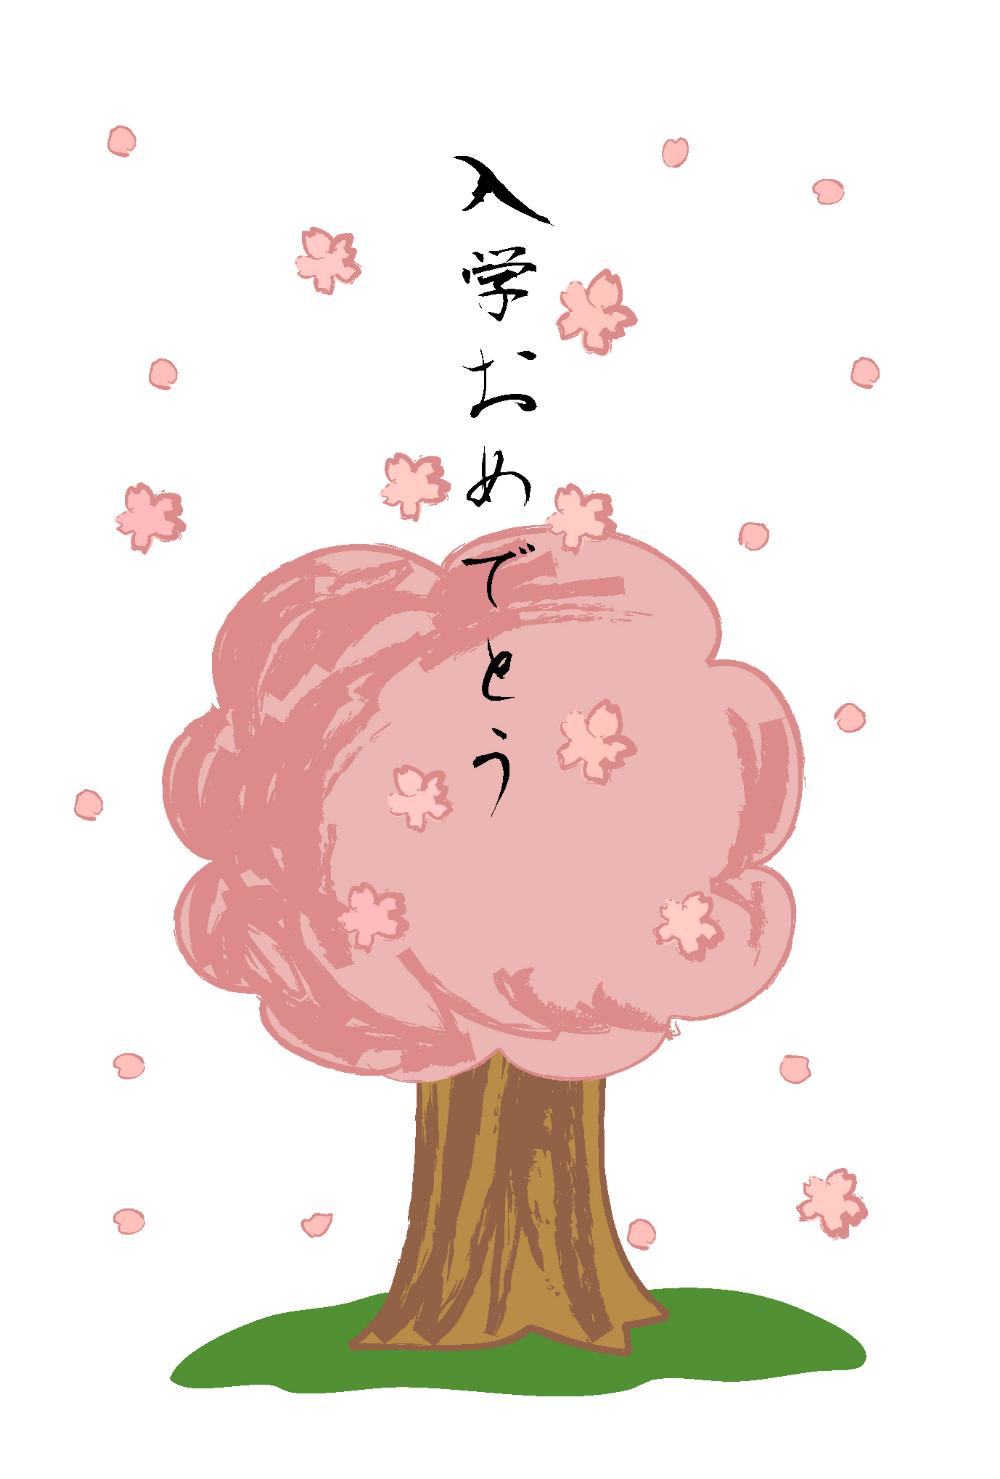 入学祝いポストカードテンプレート 入学 桜 ダウンロード はがき絵箱 はがき ポストカード 卒業おめでとう